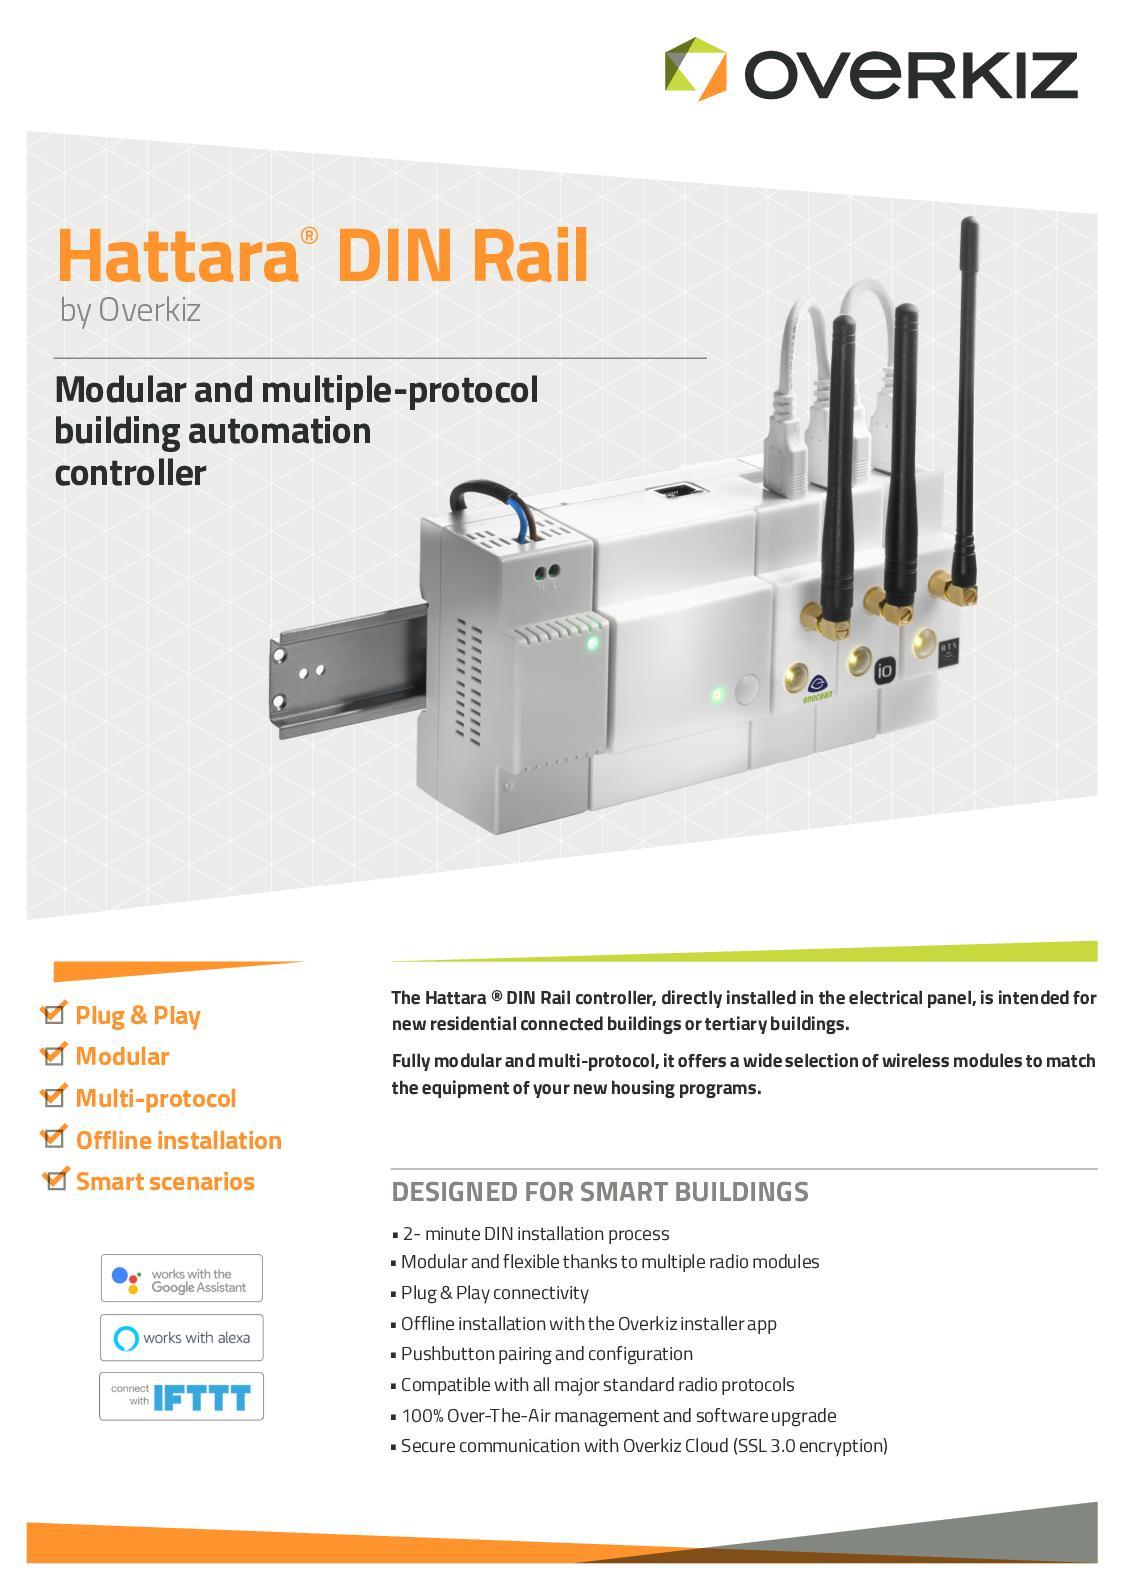 Calaméo - HATTARA® DIN RAIL 2019